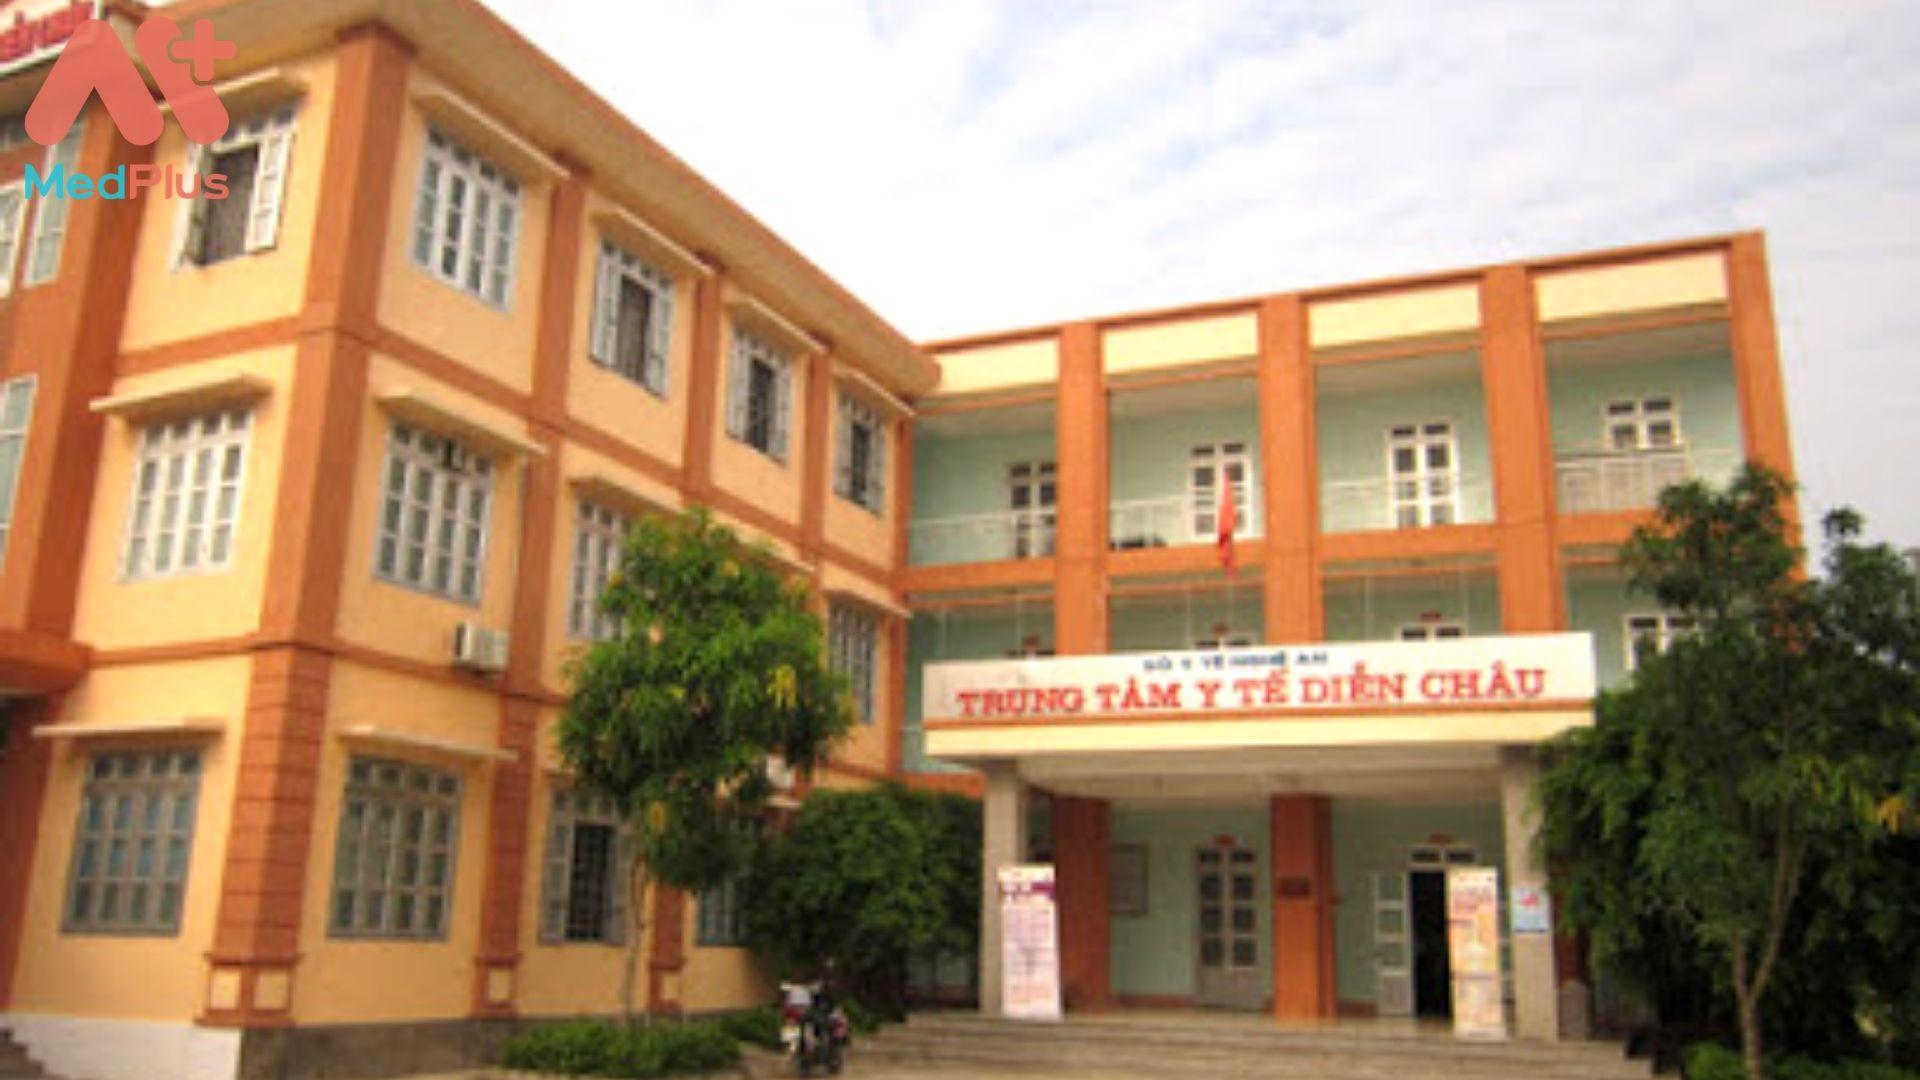 Trung tâm Y tế Diễn Châu